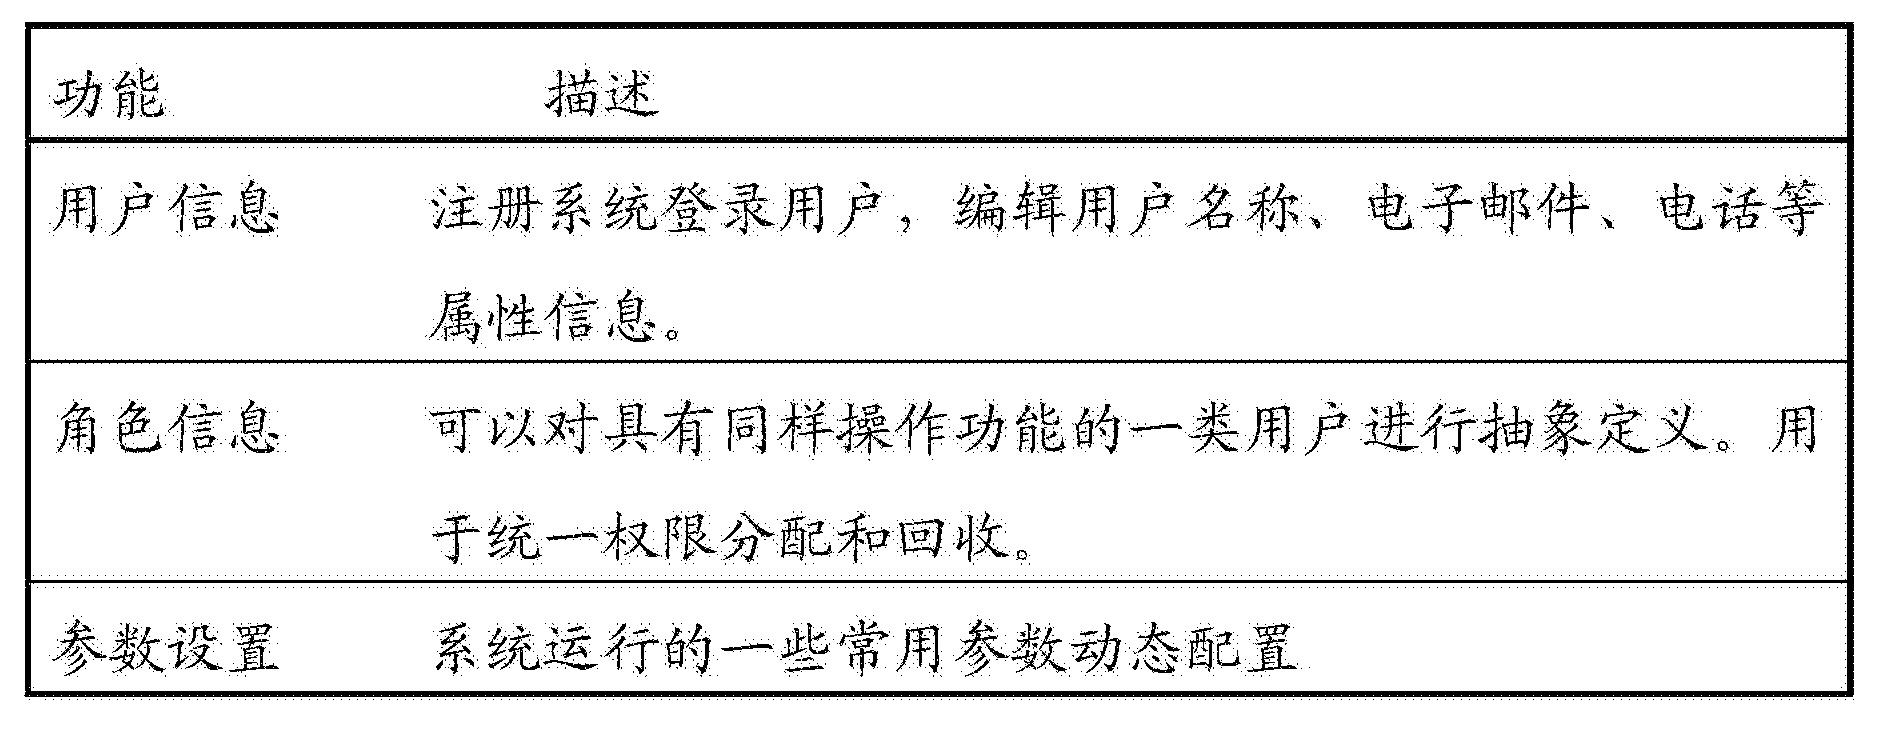 Figure CN104202881BD00041